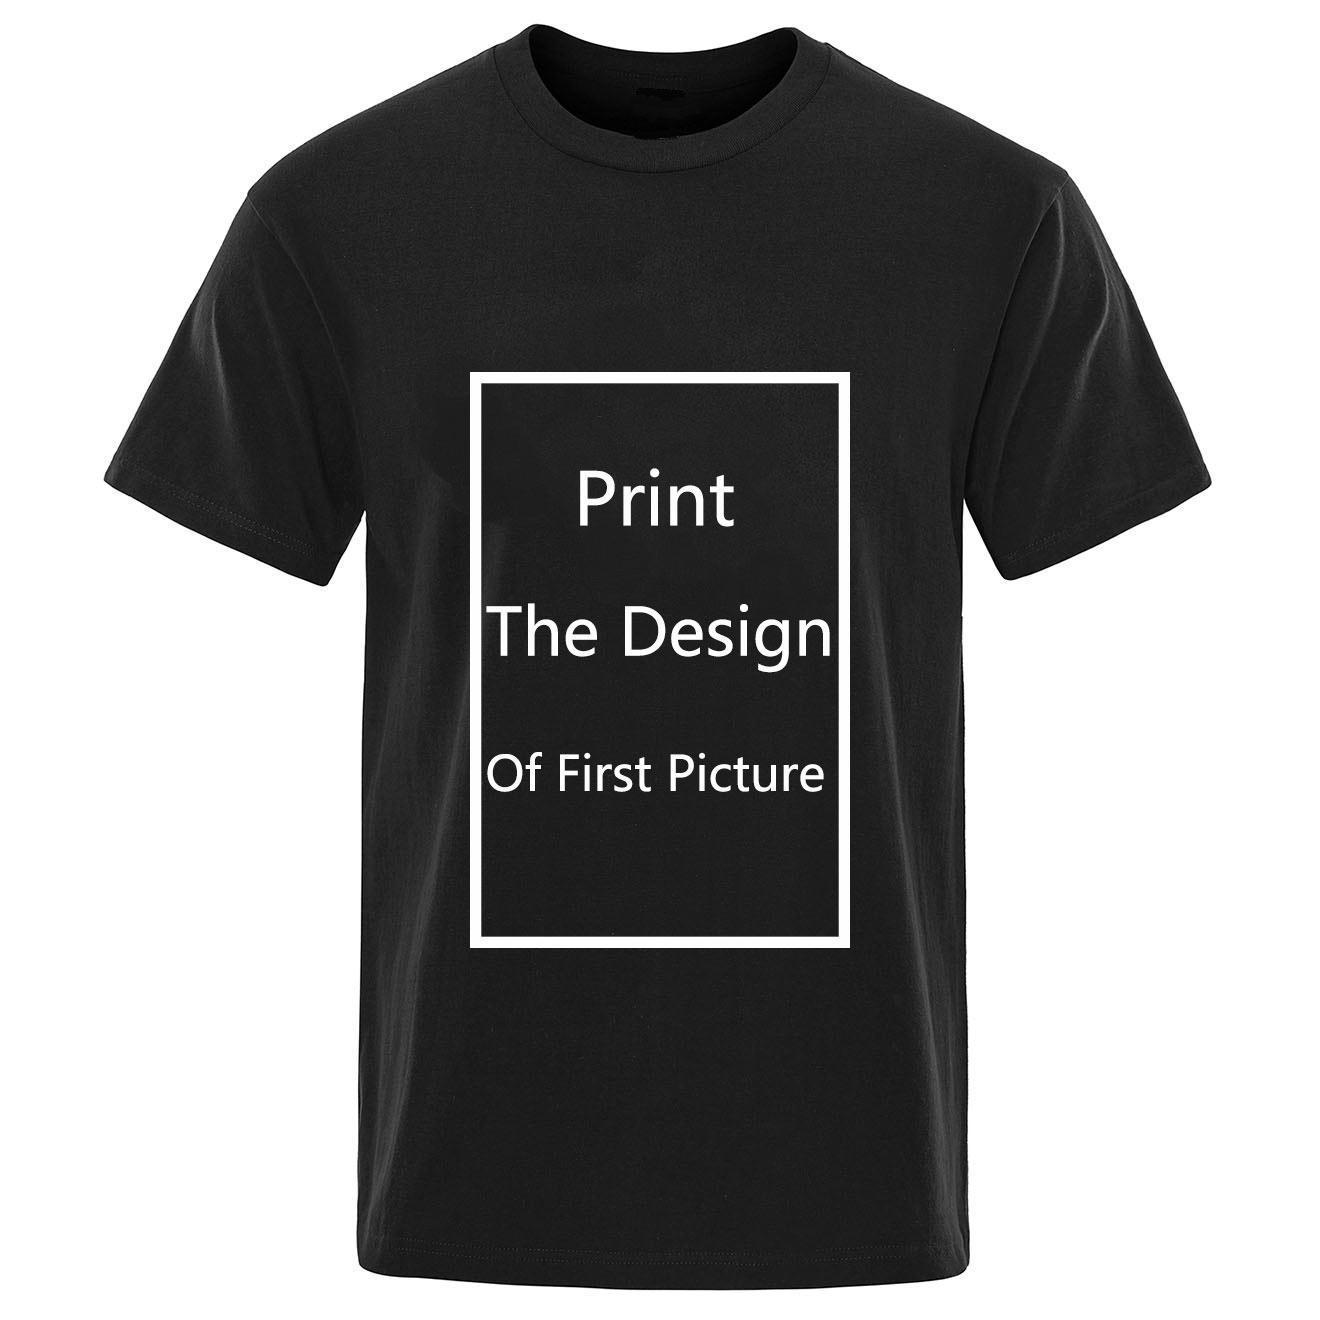 Vous allez vers le bas Relax Zone T-shirt Streetwear Anime T-shirt de style japonais T-shirt Imprimer Casual manches courtes T-shirt